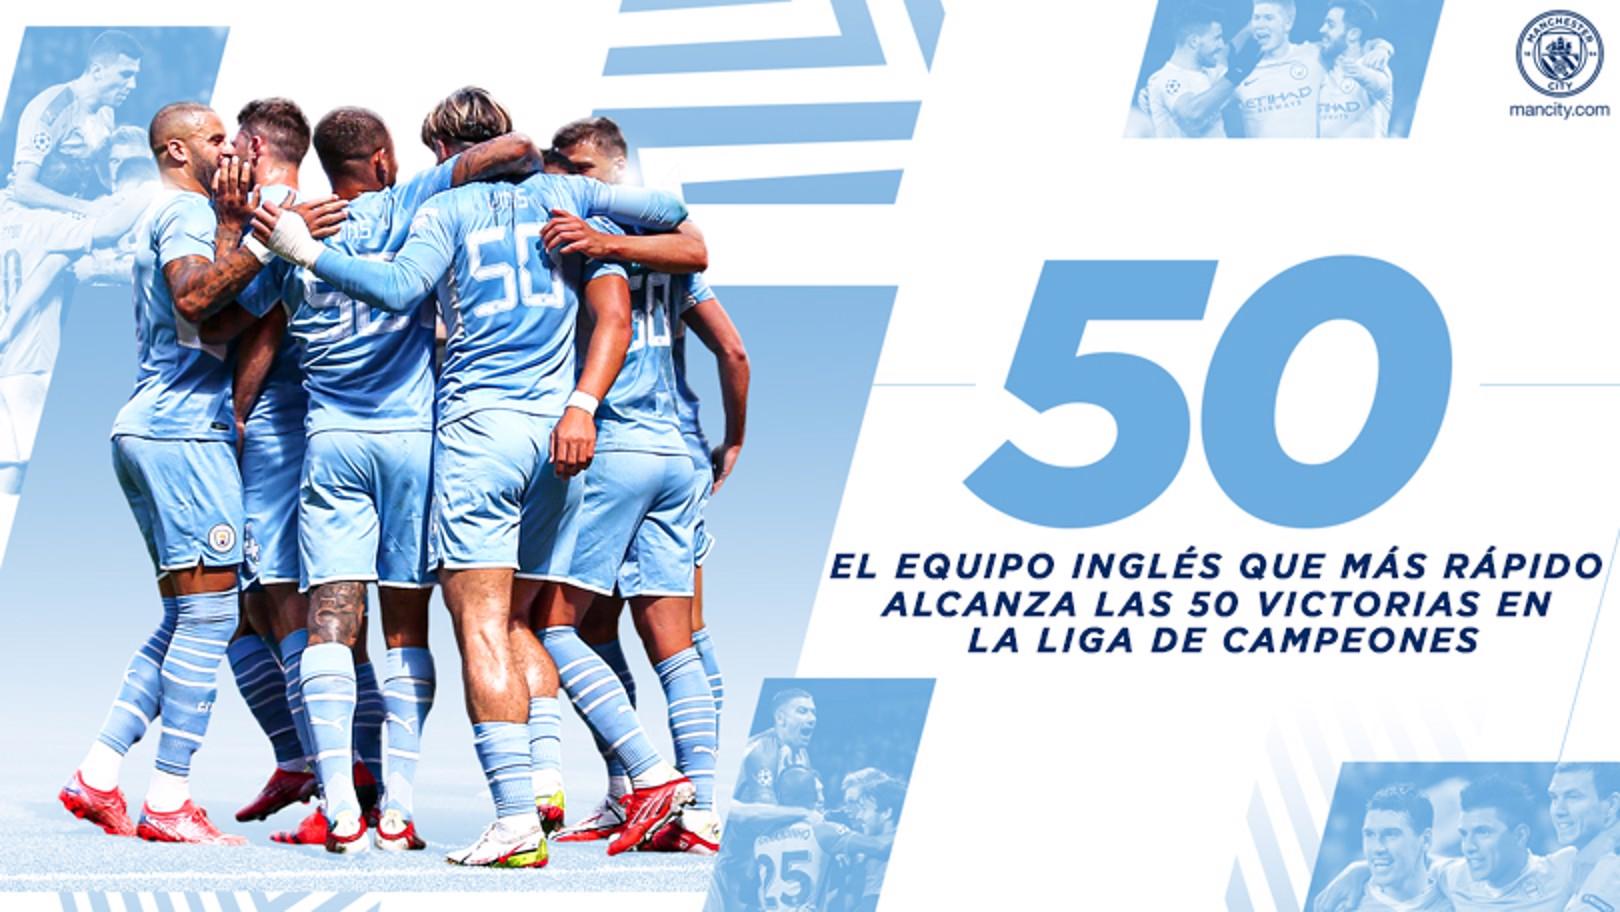 El City, el equipo inglés que más rápido alcanza las 50 victorias en la UCL